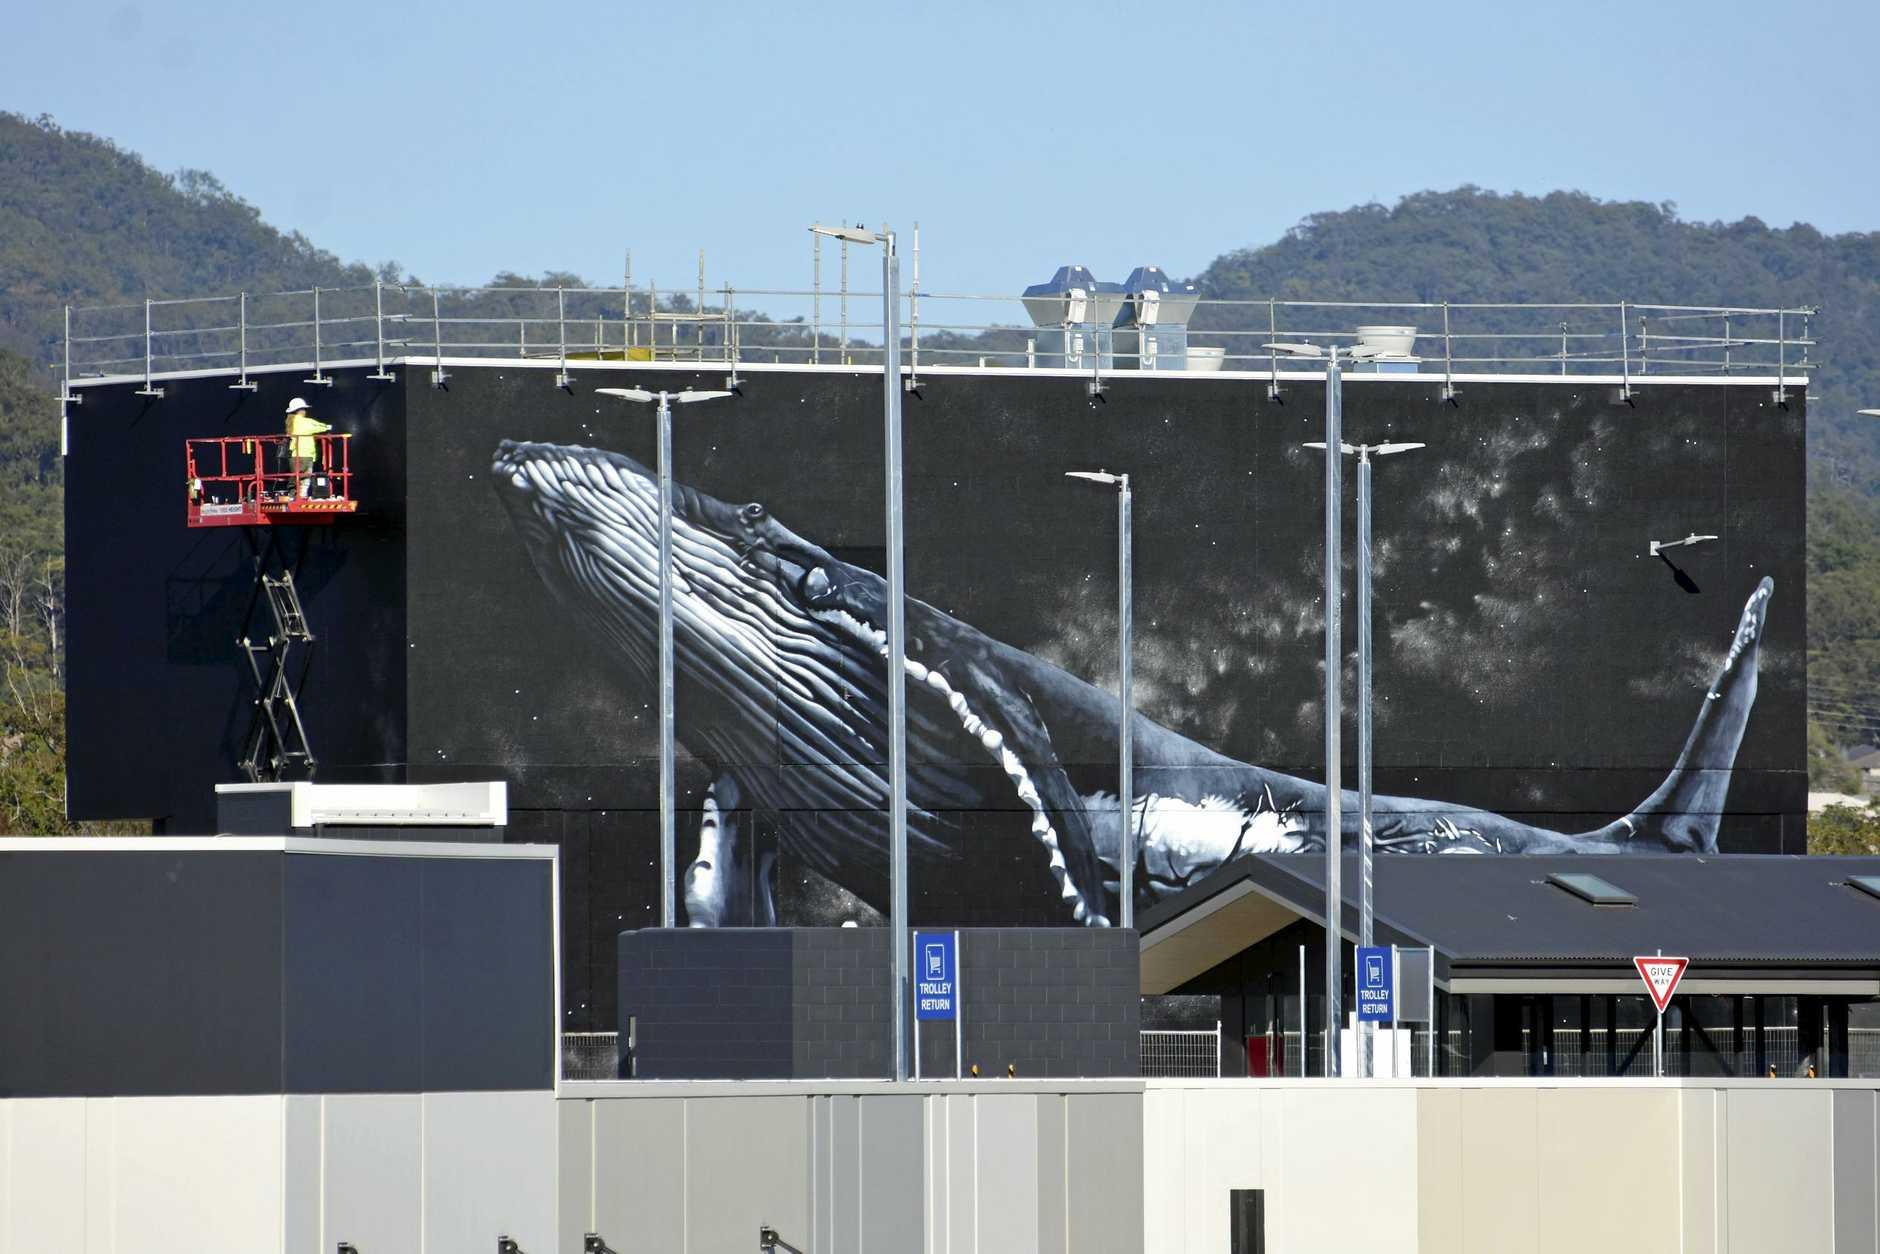 Whale mural.